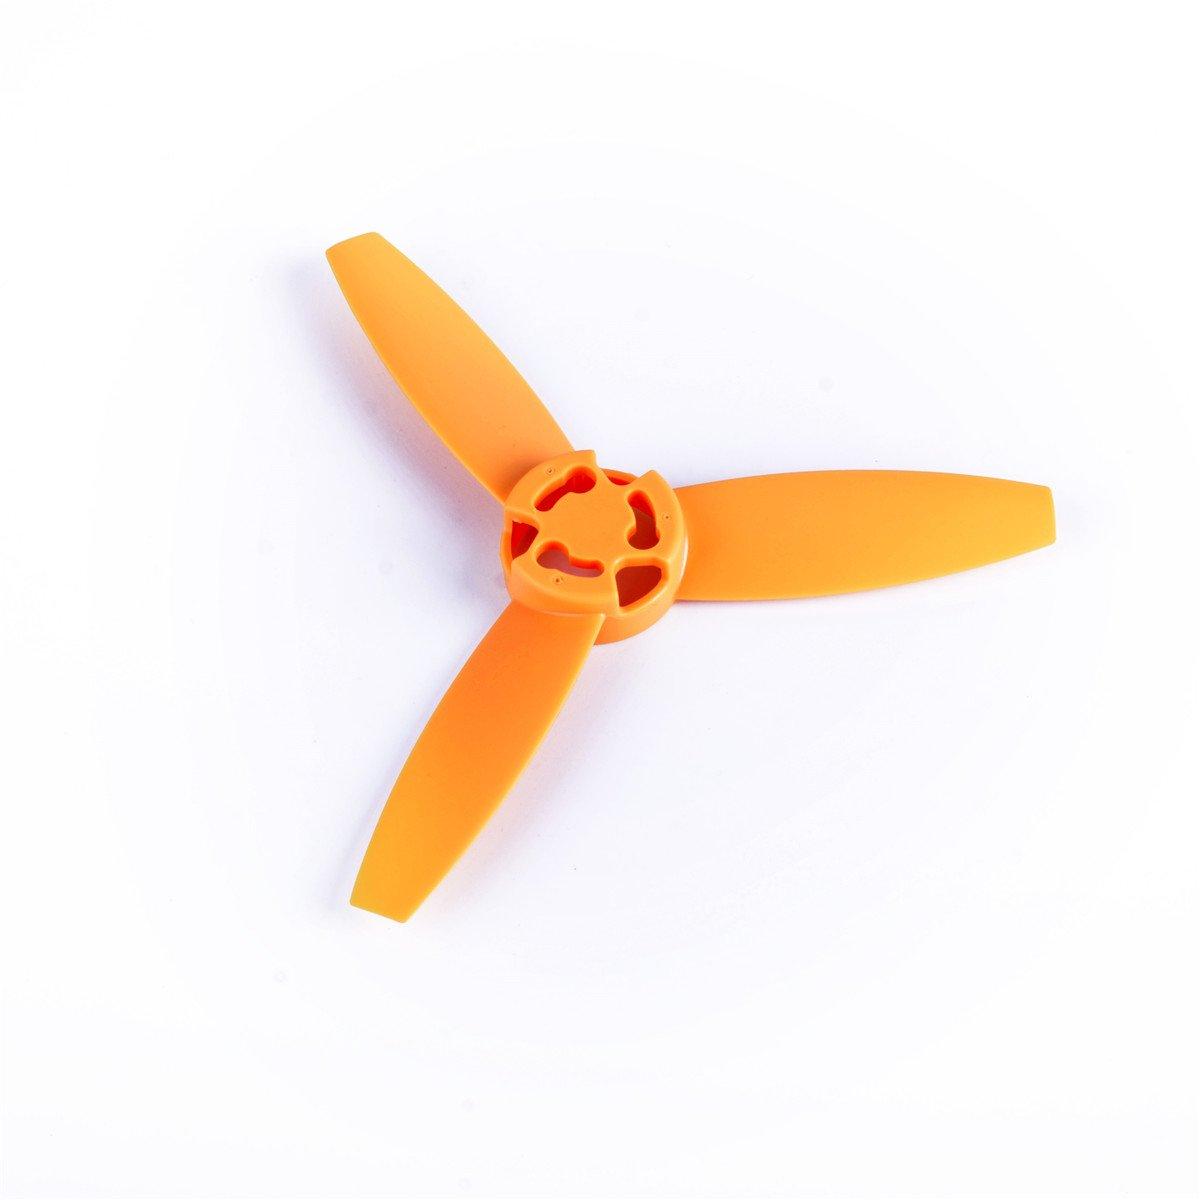 Jrelecs 2 Pair Blades Replacement Propellers Set for Parrot Bebop Drone3.0 RC Quadcopter Y/&Blue